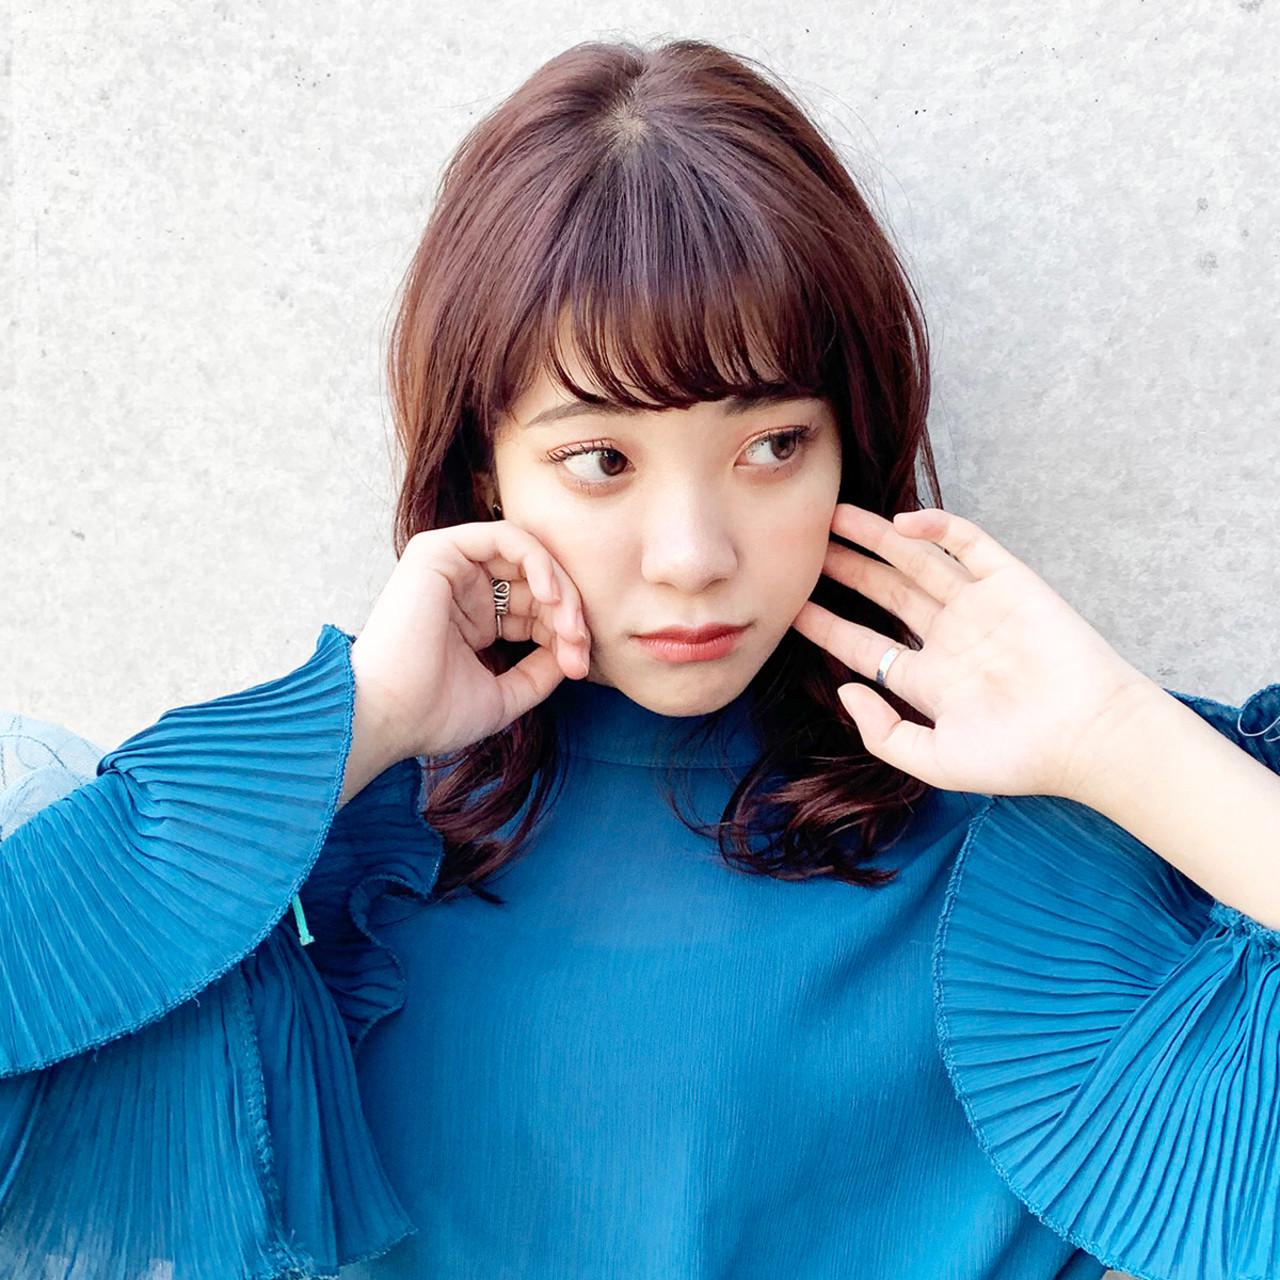 デート 小顔 ゆるふわ フェミニン ヘアスタイルや髪型の写真・画像 | 中尾 寿揮 / Anna Lanna